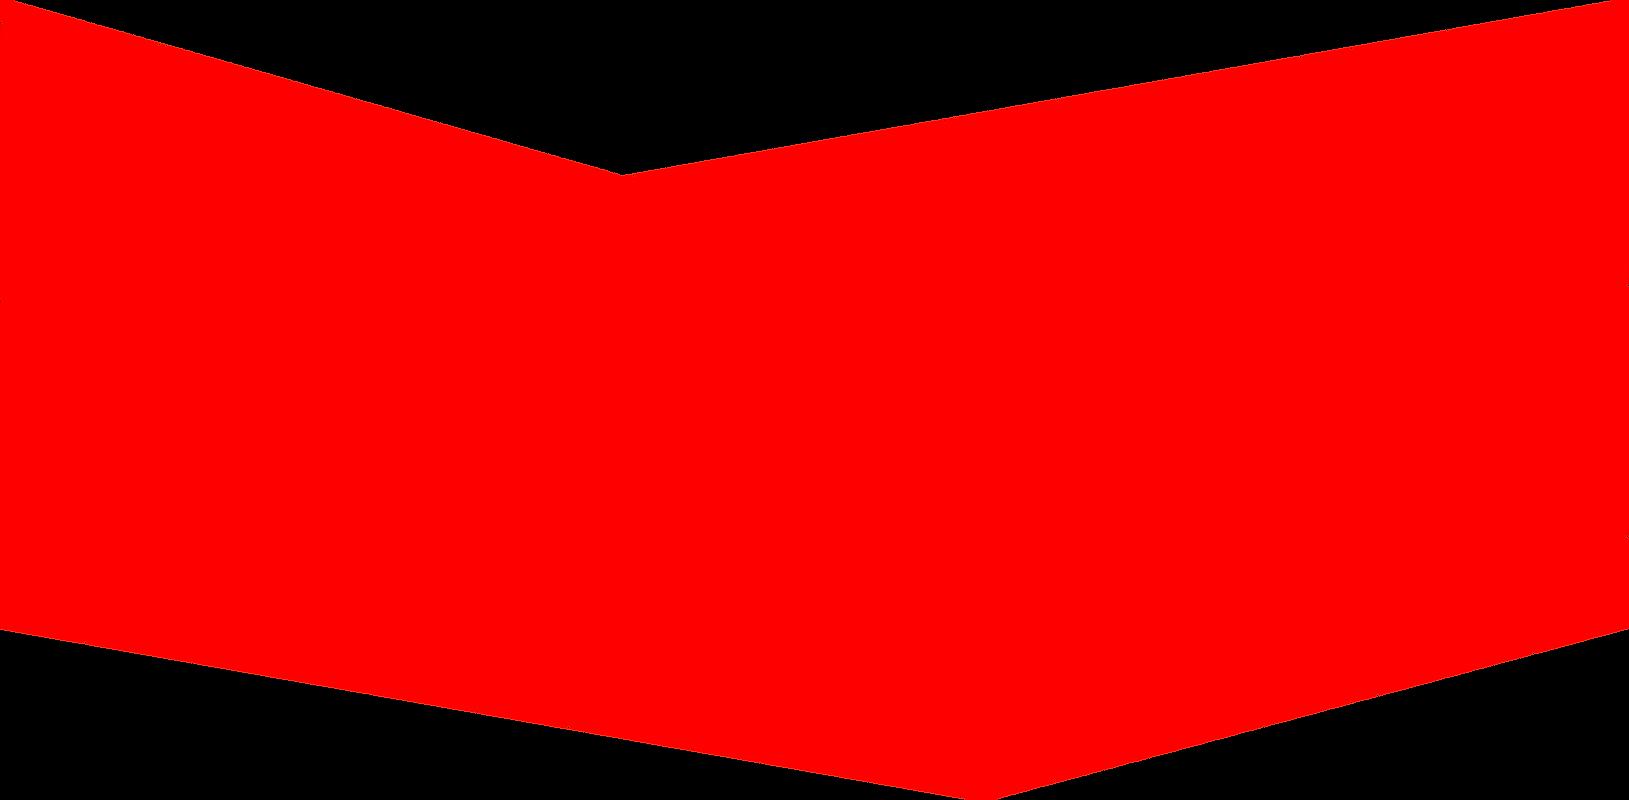 Fundo pacote Vermelho.png